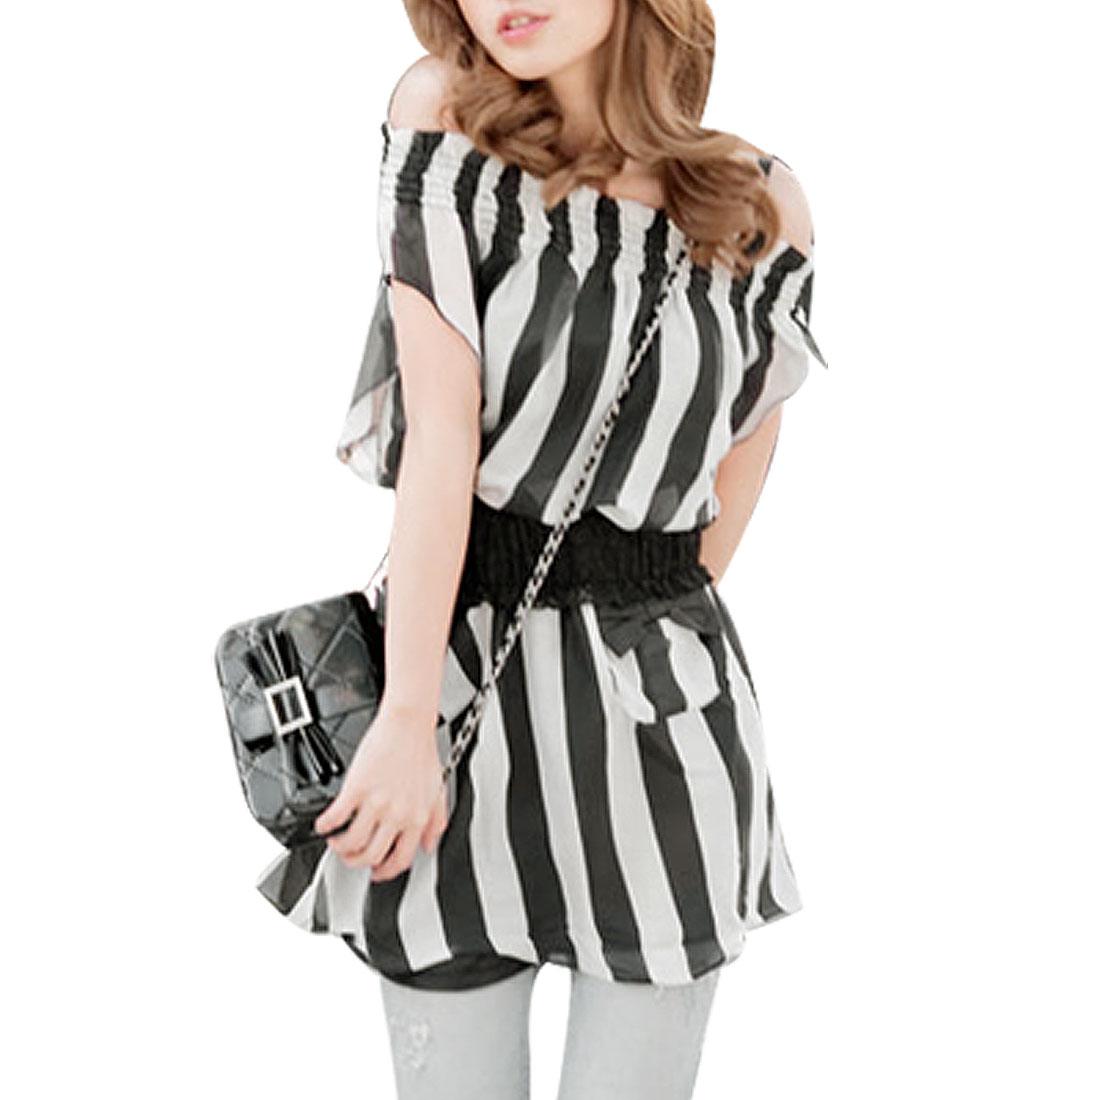 Ladies White Black Boat Neck Shirt Striped Chiffon Top XS